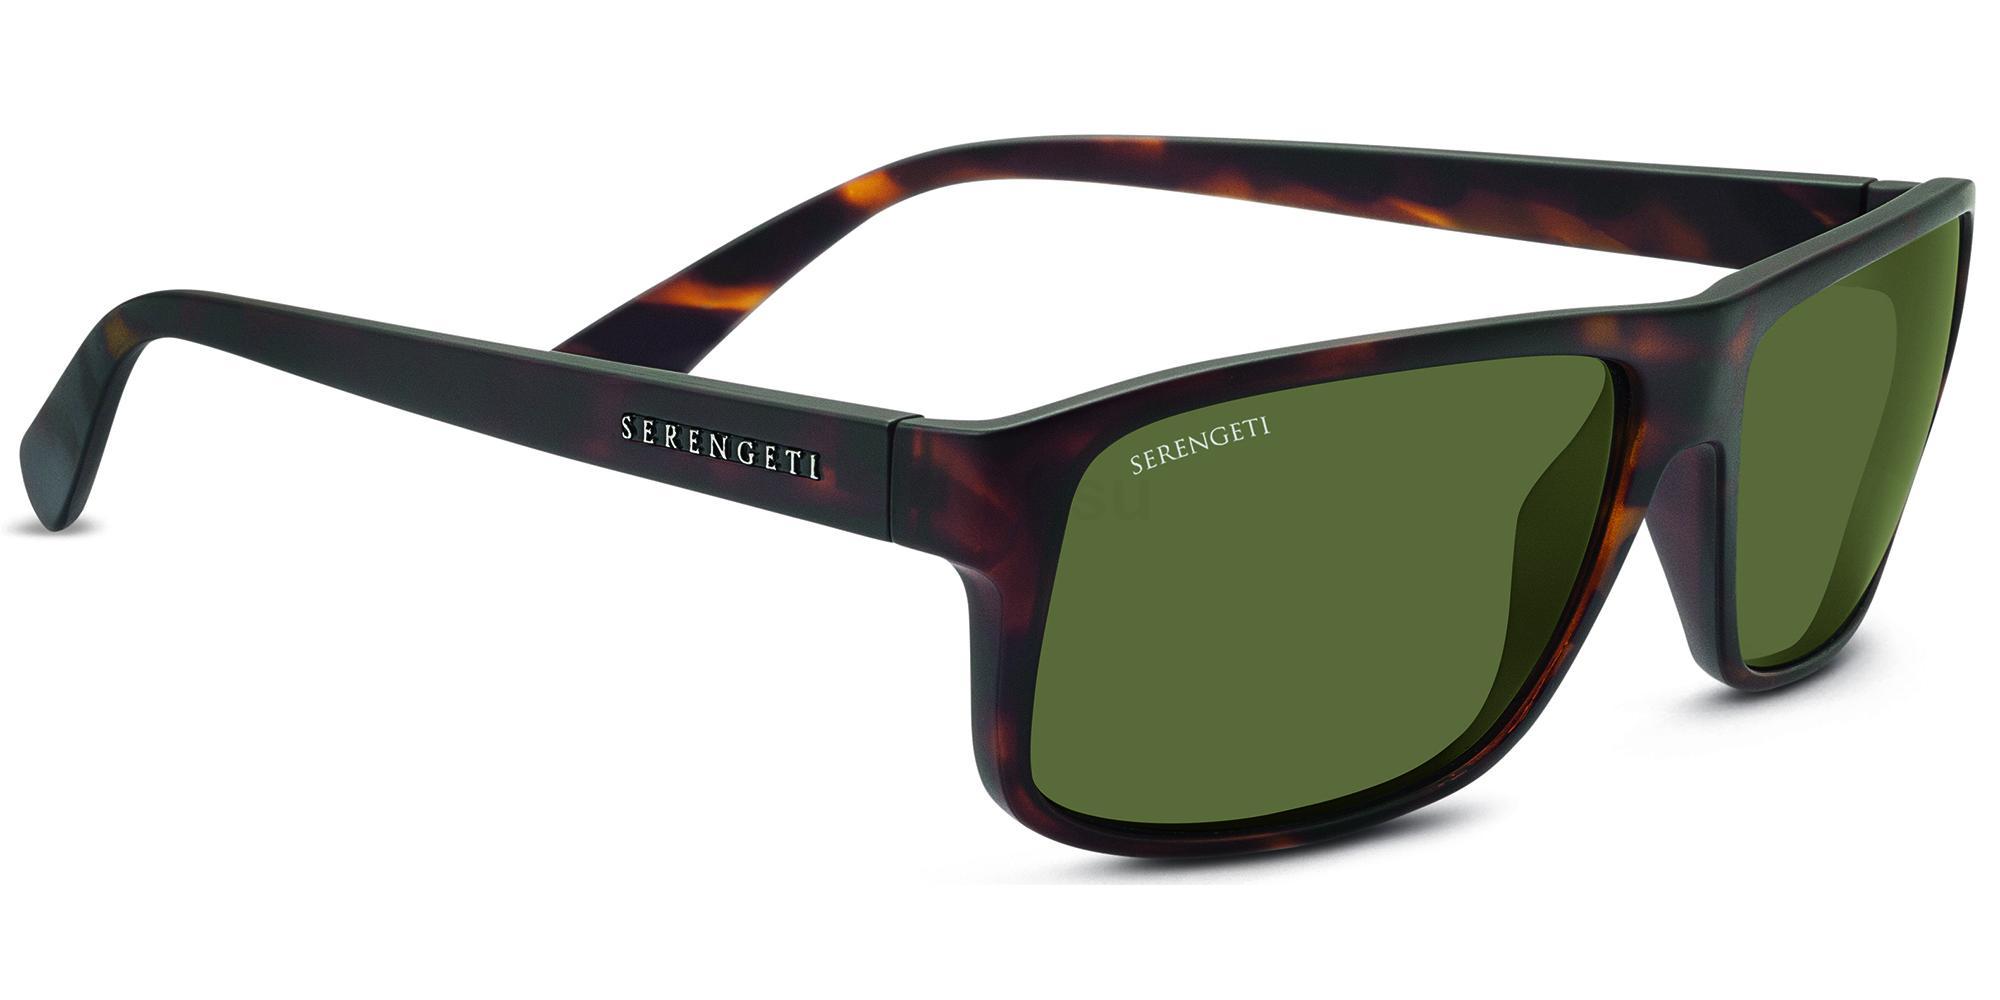 7953 Classics CLAUDIO Sunglasses, Serengeti